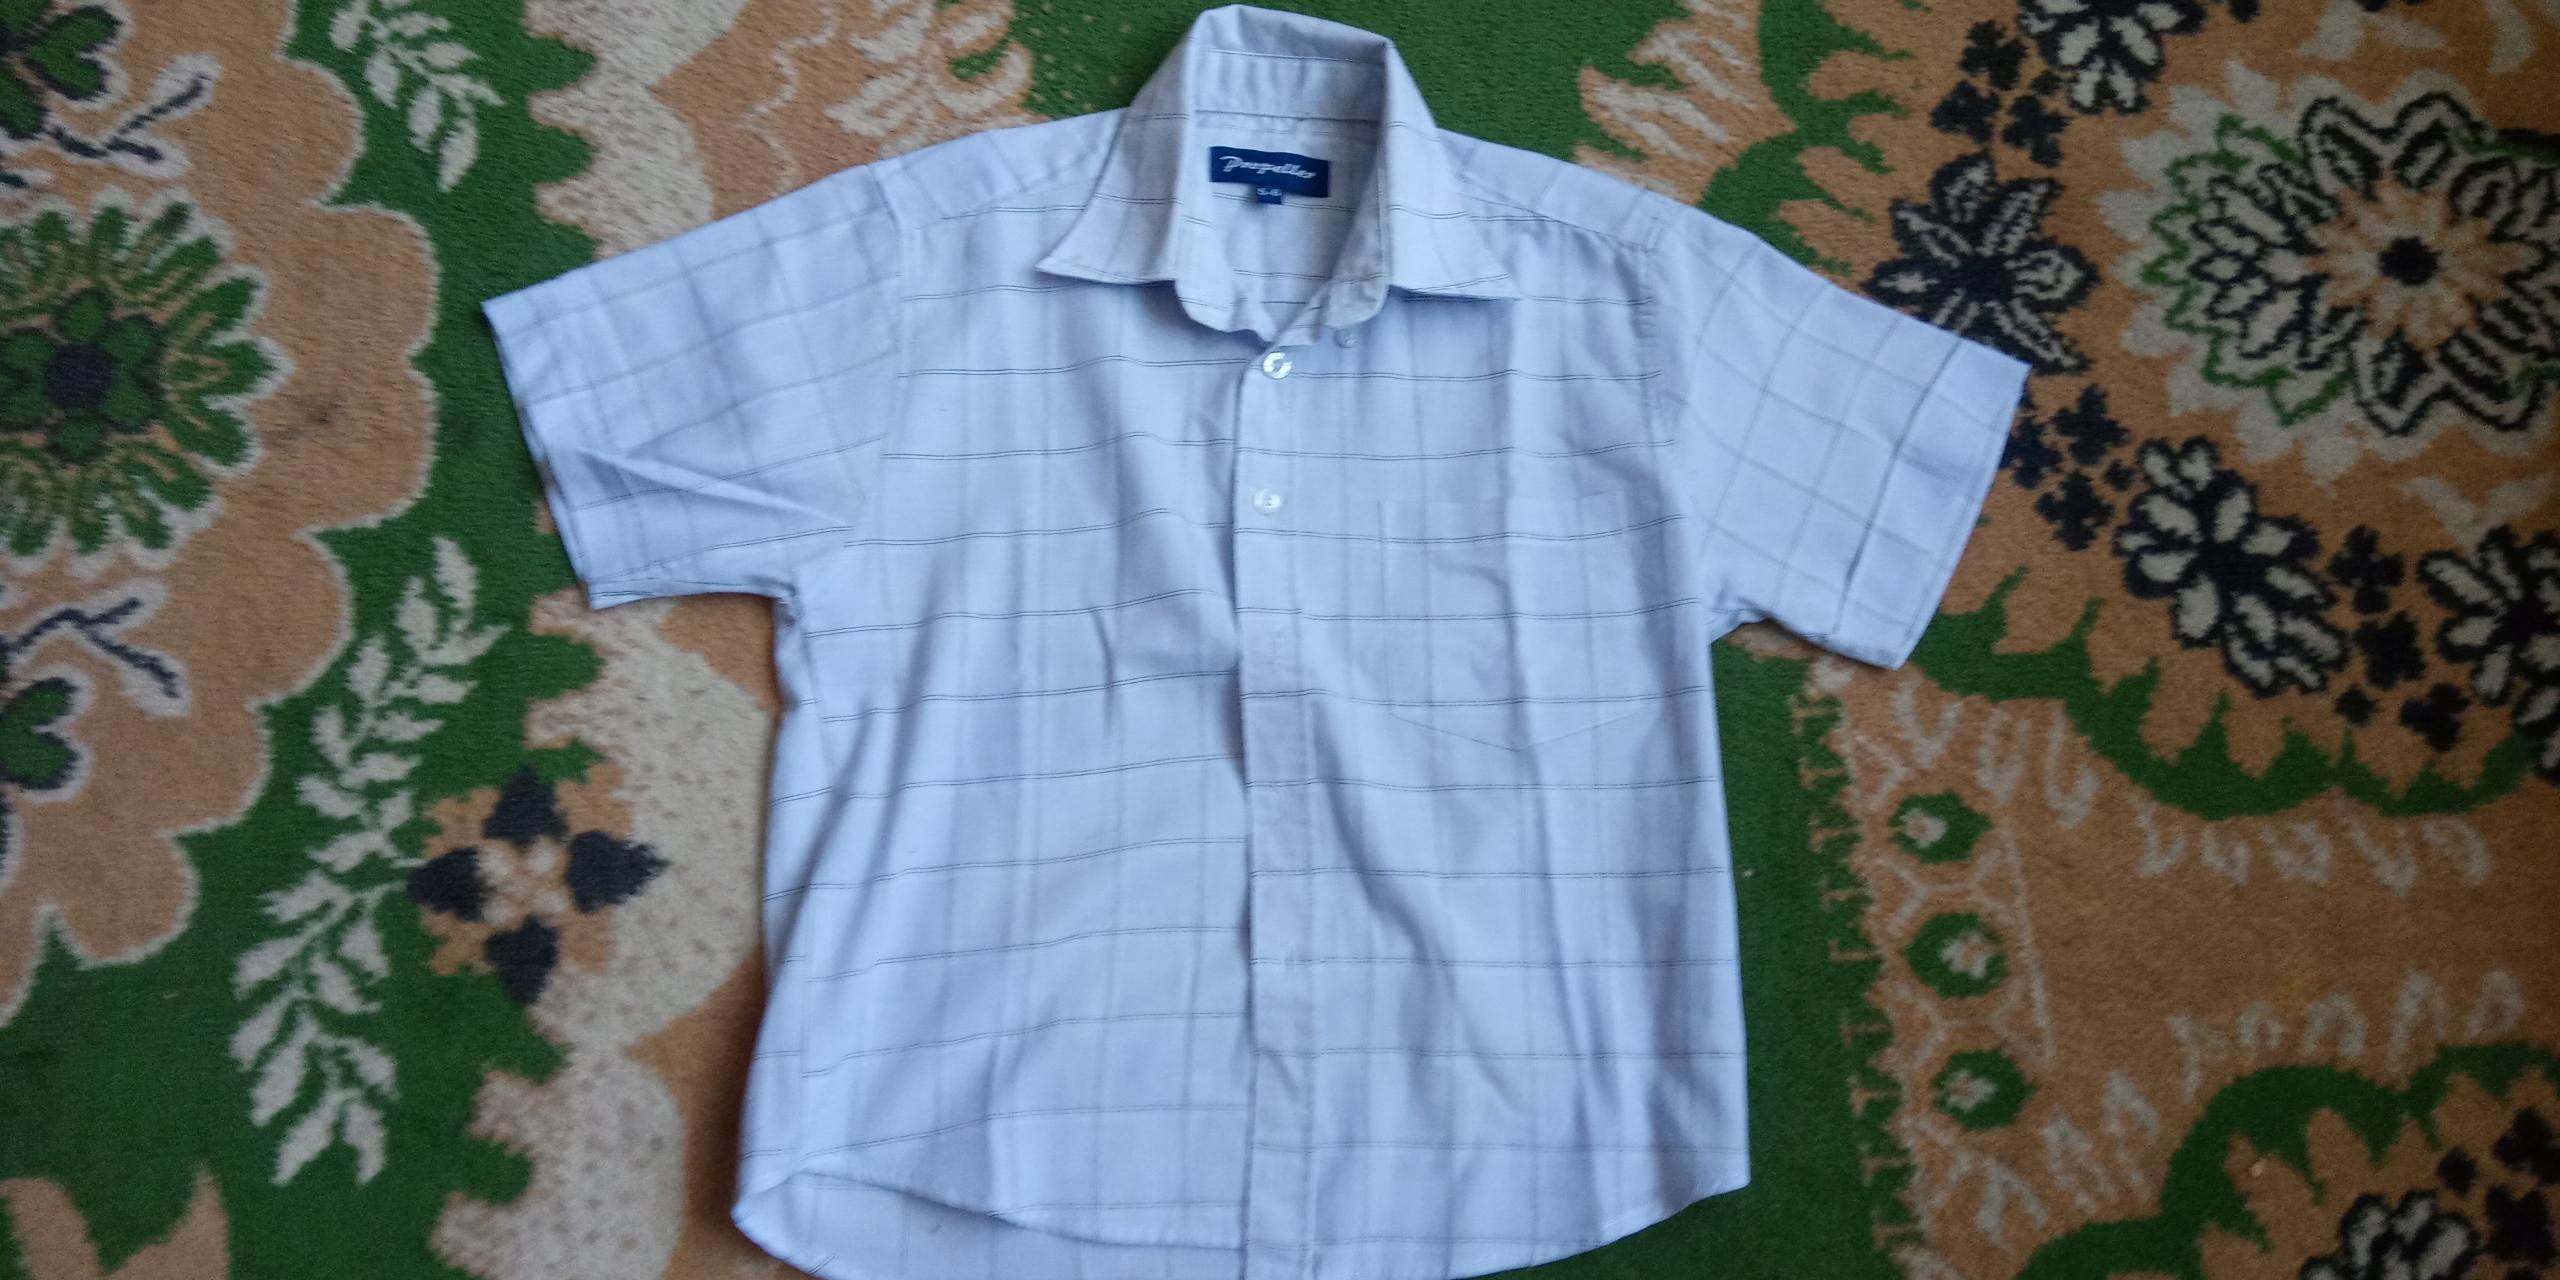 Propeller koszula błękitna r. 116 chłopak 5-6 lat